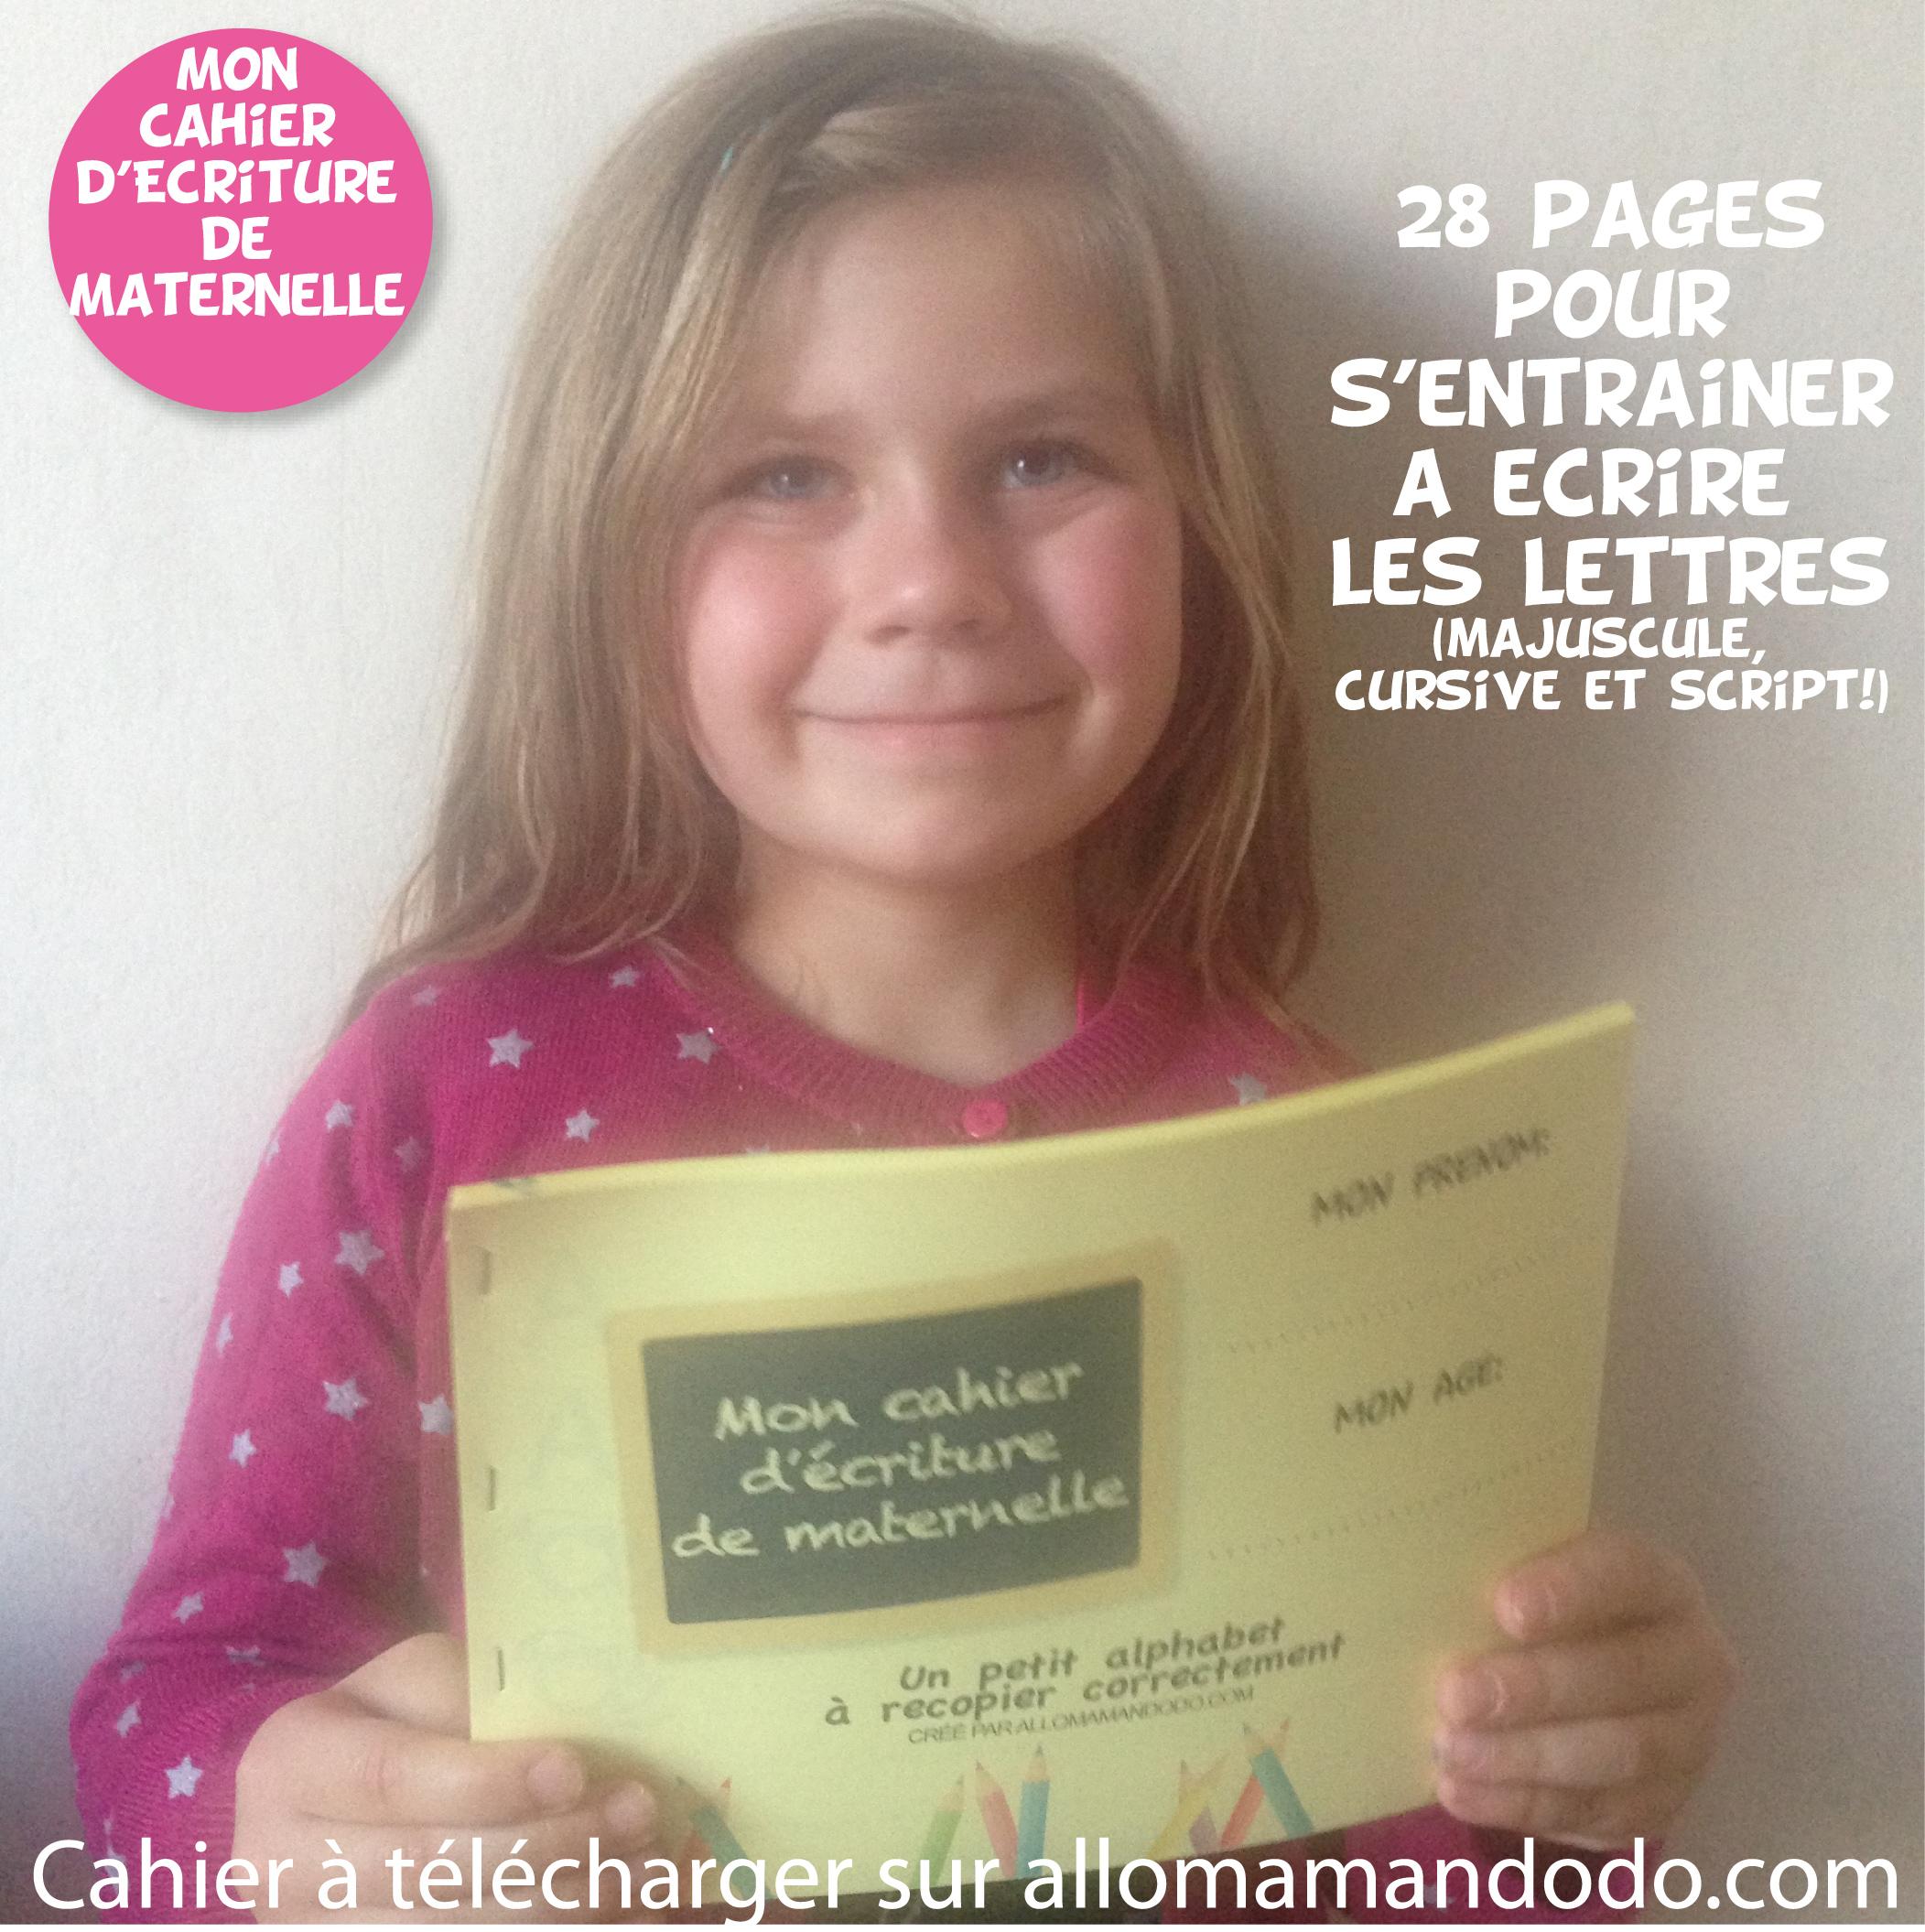 Le Cahier D Ecriture De Maternelle A Telecharger Gratuit Allo